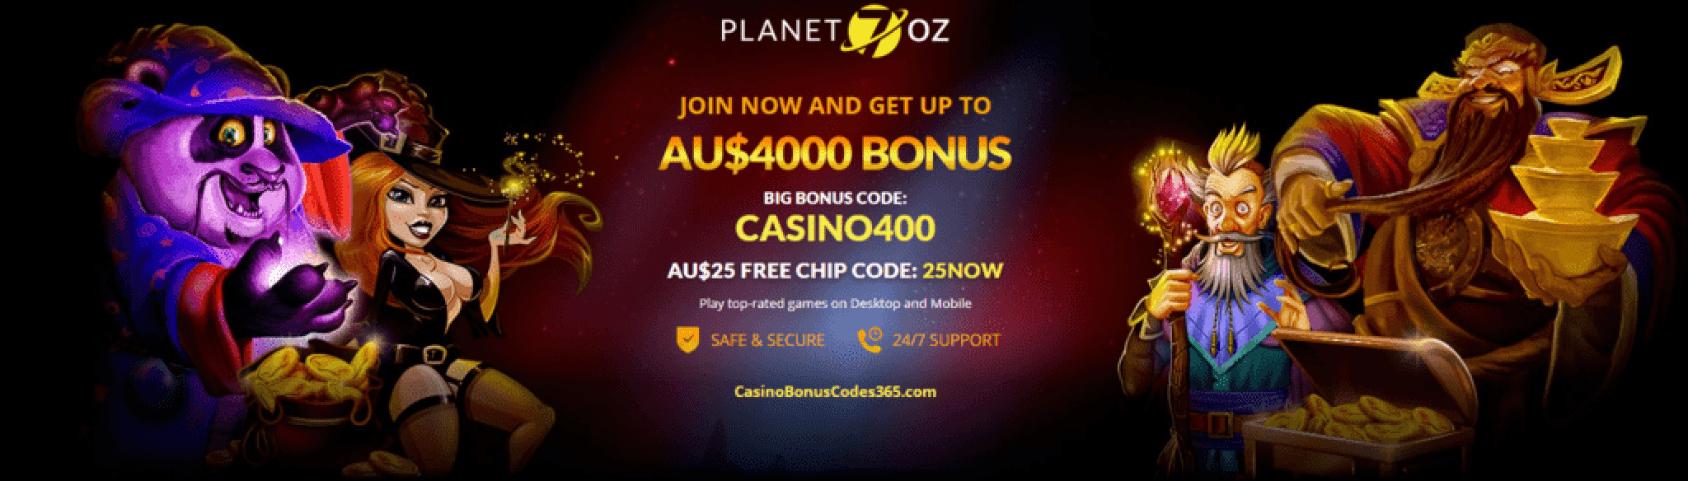 Planet 7 Oz Casino AU$4000 Bonus plus AU$25 FREE Chips